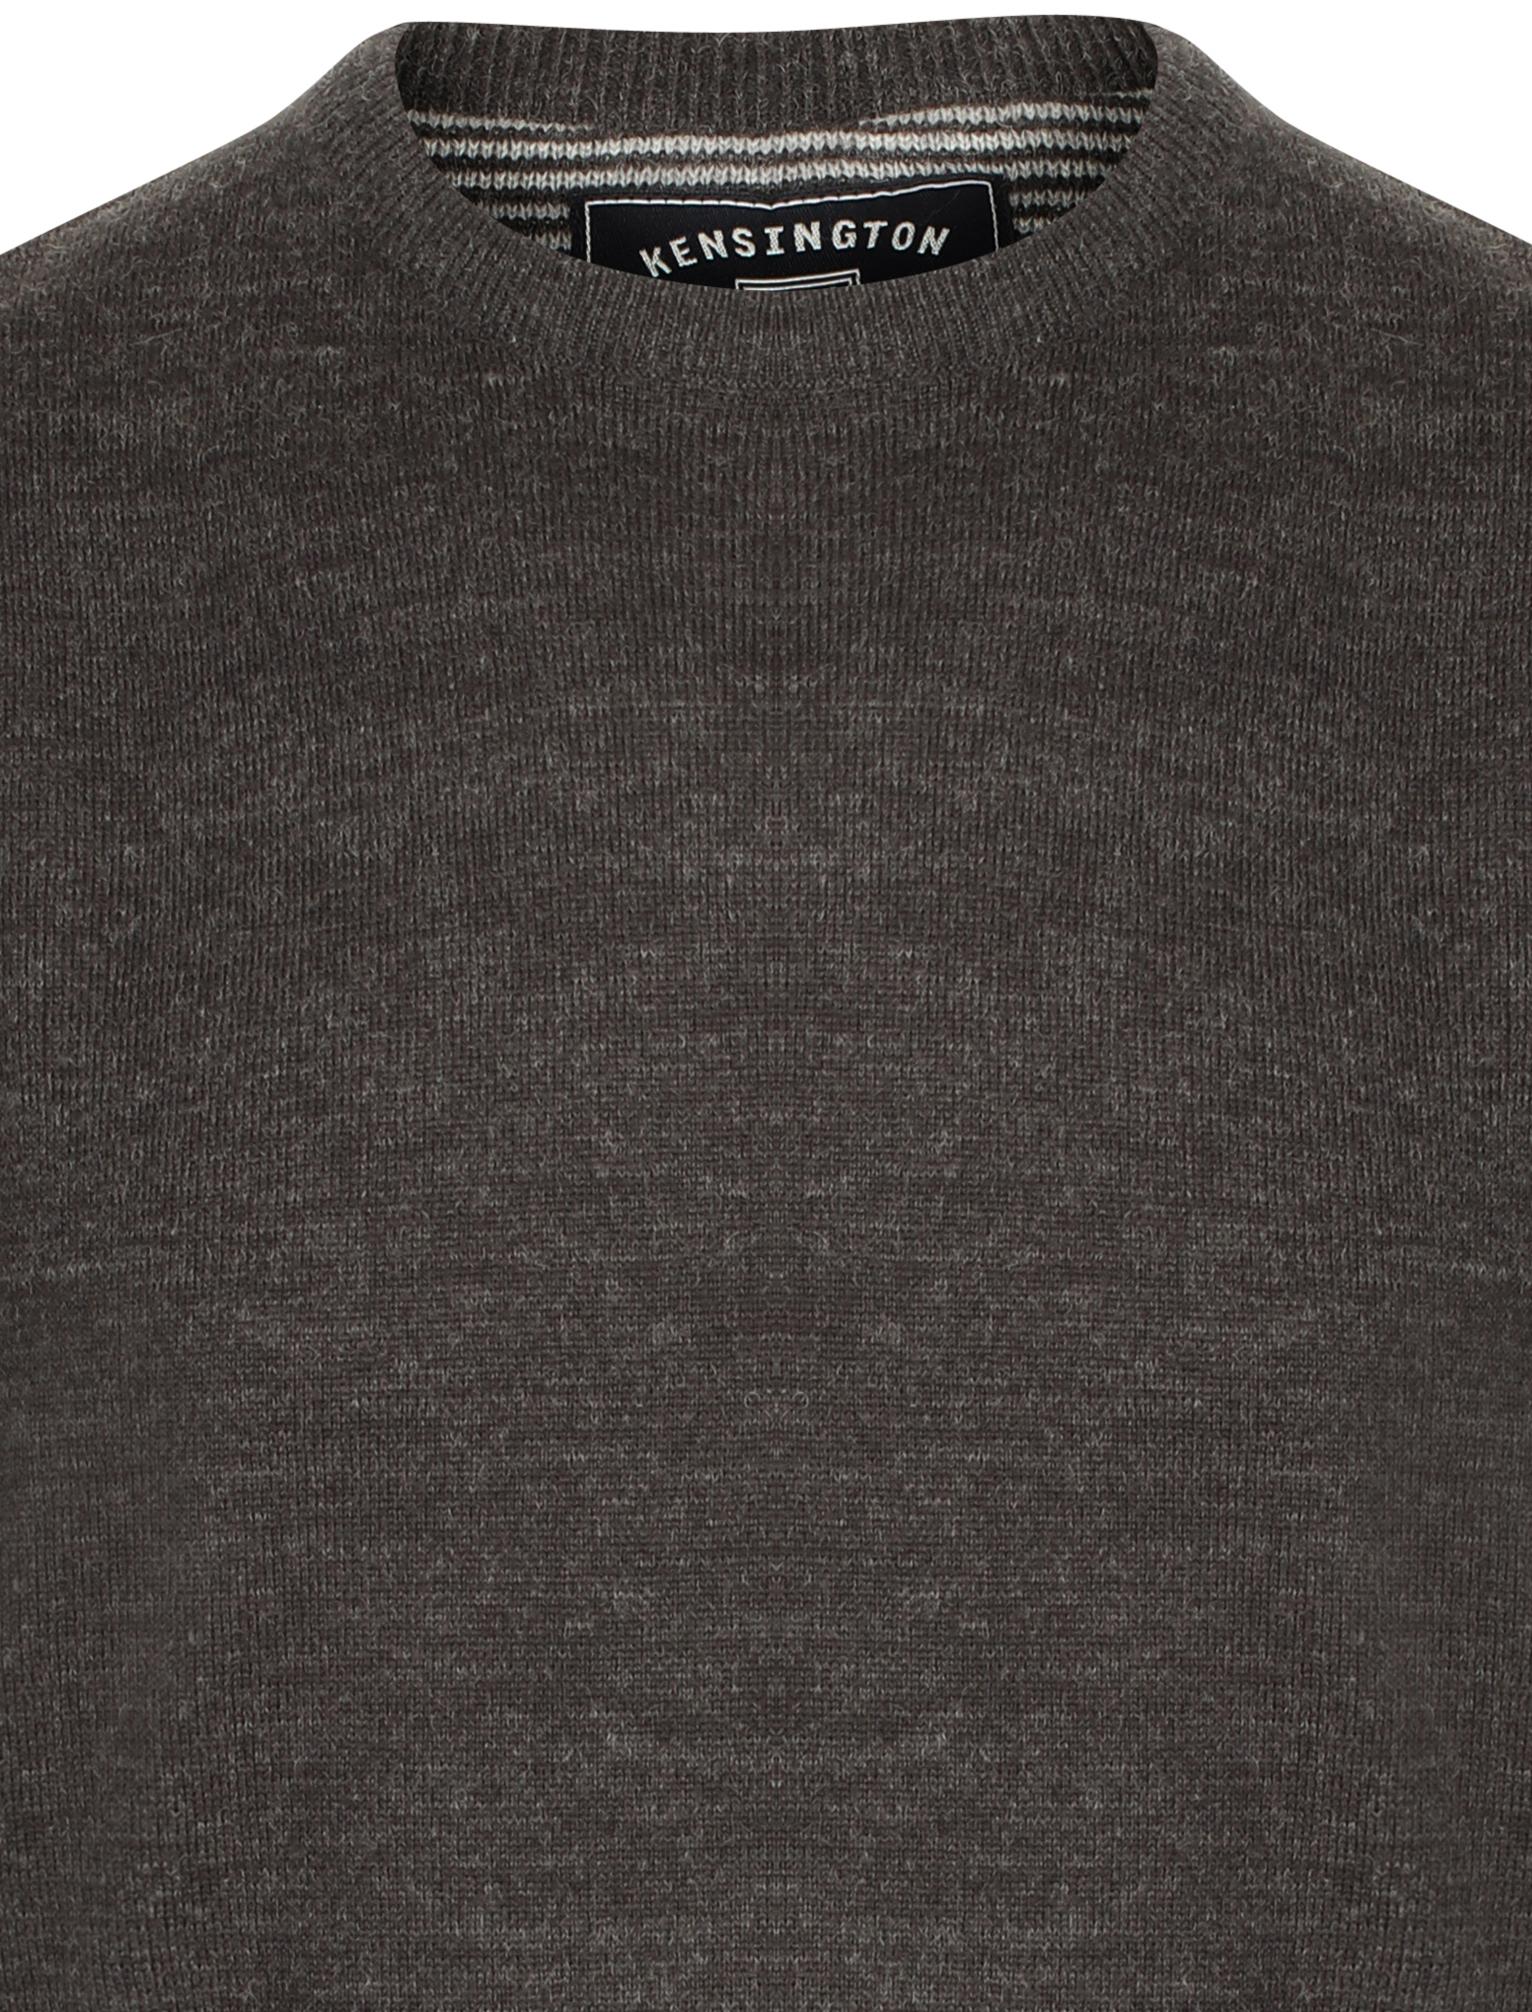 Kensington-Eastside-Men-039-s-Knitted-Crew-or-V-Neck-Jumper-Sweater-Top-Pullover thumbnail 8